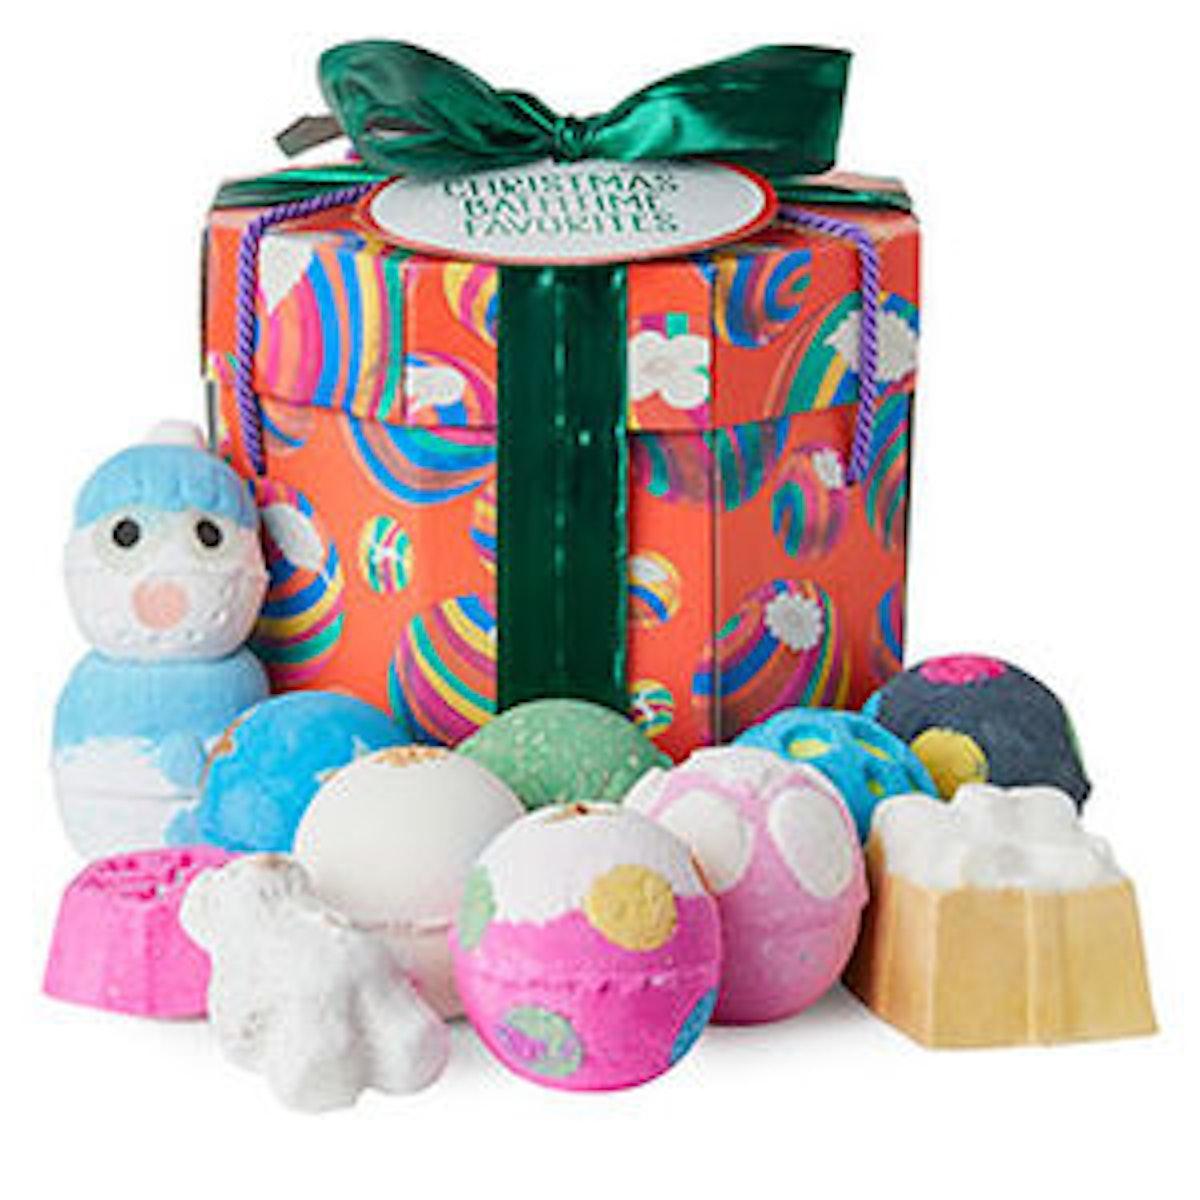 Lush Christmas Bathtime Favourites